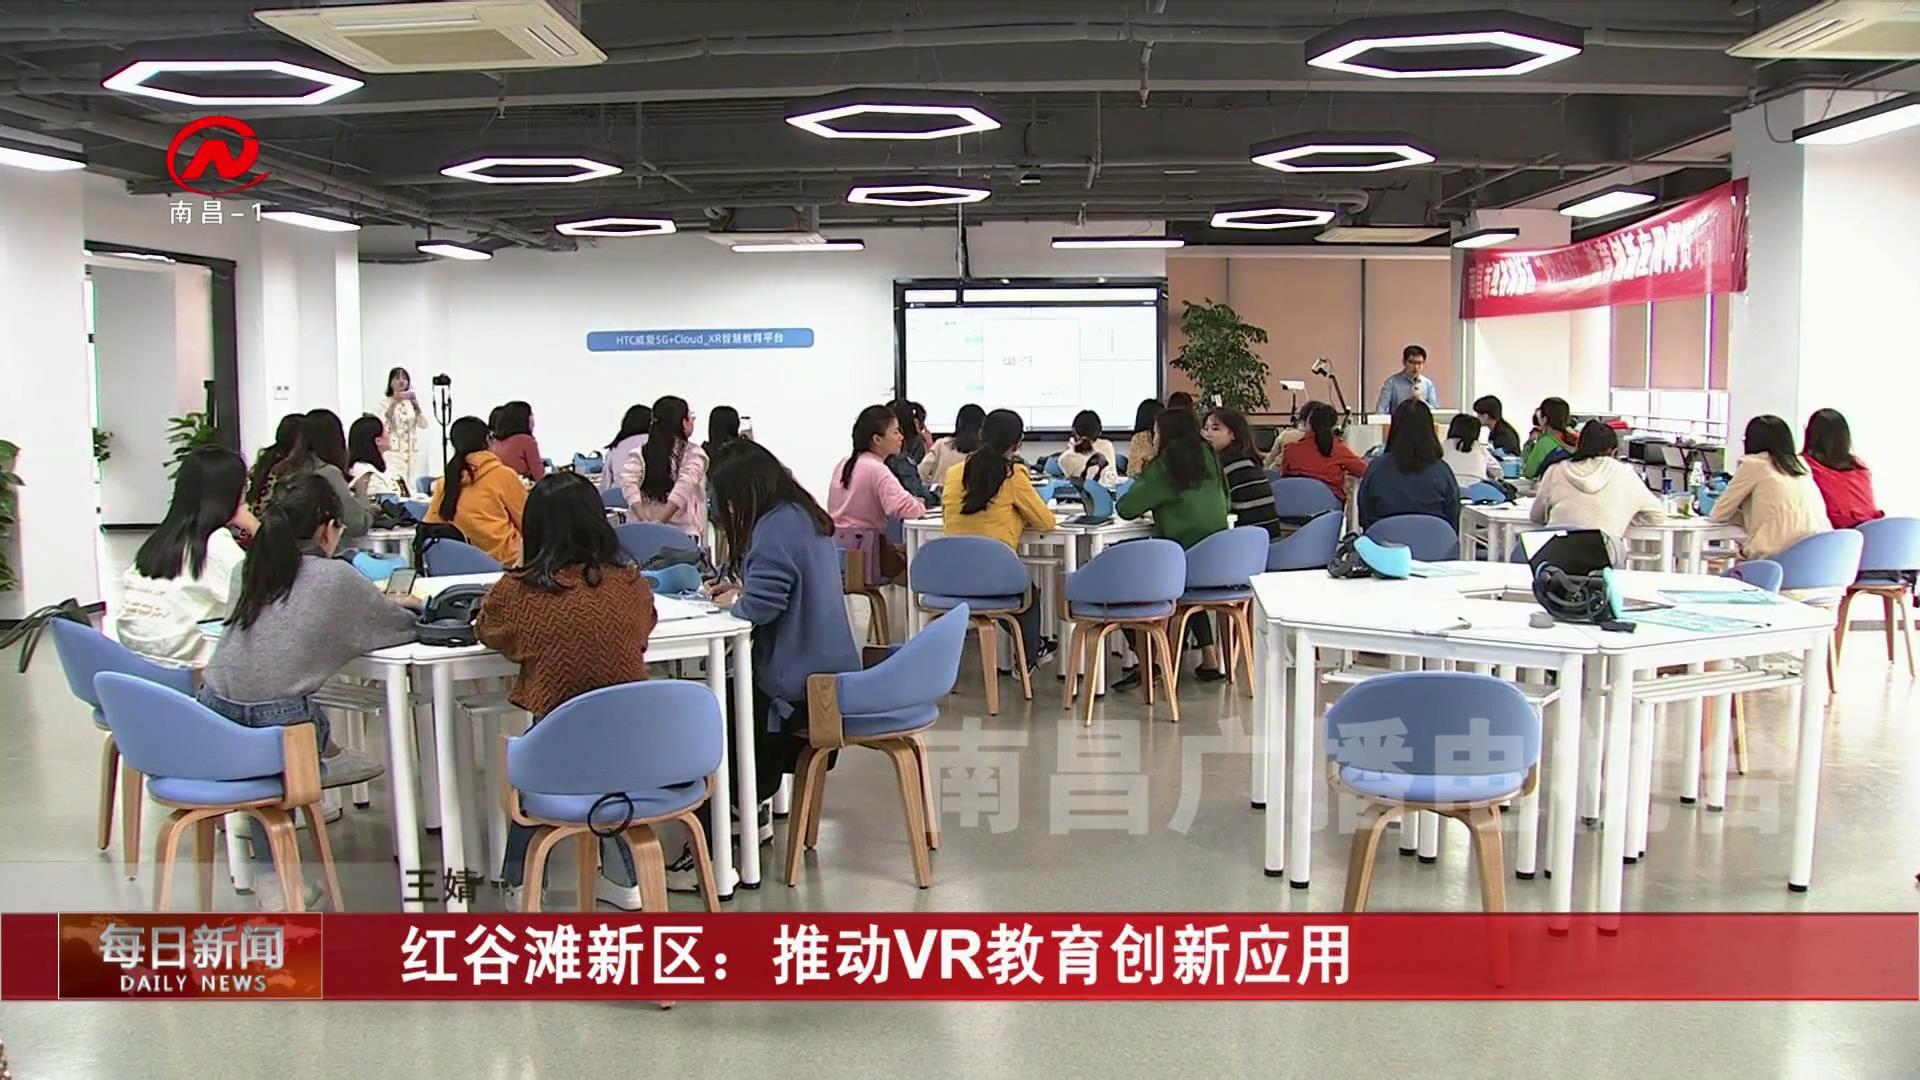 红谷滩新区:推动VR教育创新应用